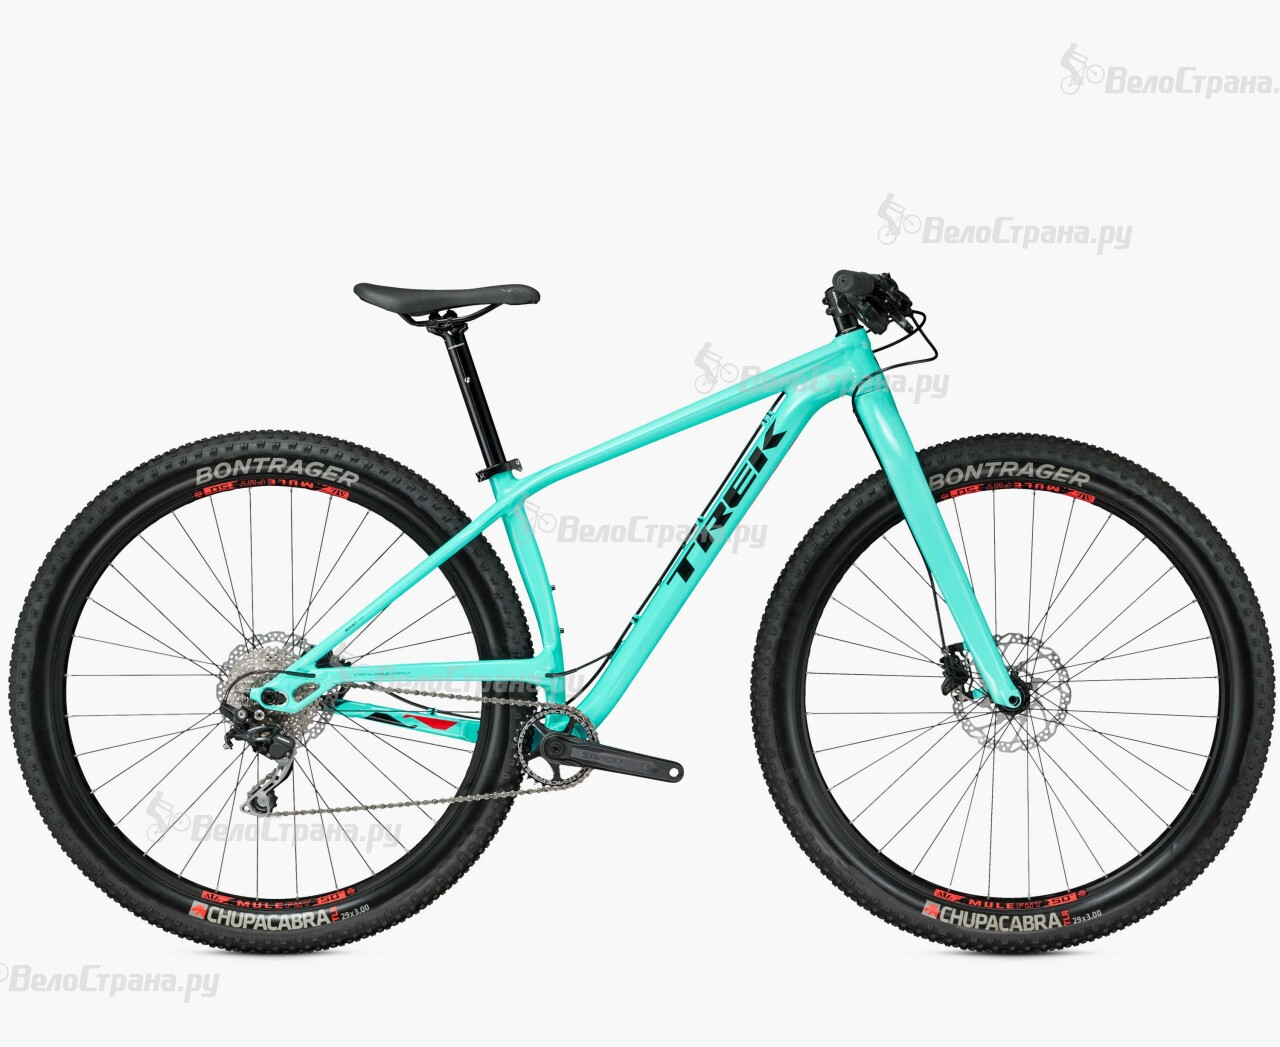 Велосипед Trek Stache 5 29+ (2016) велосипед trek stache 7 2017